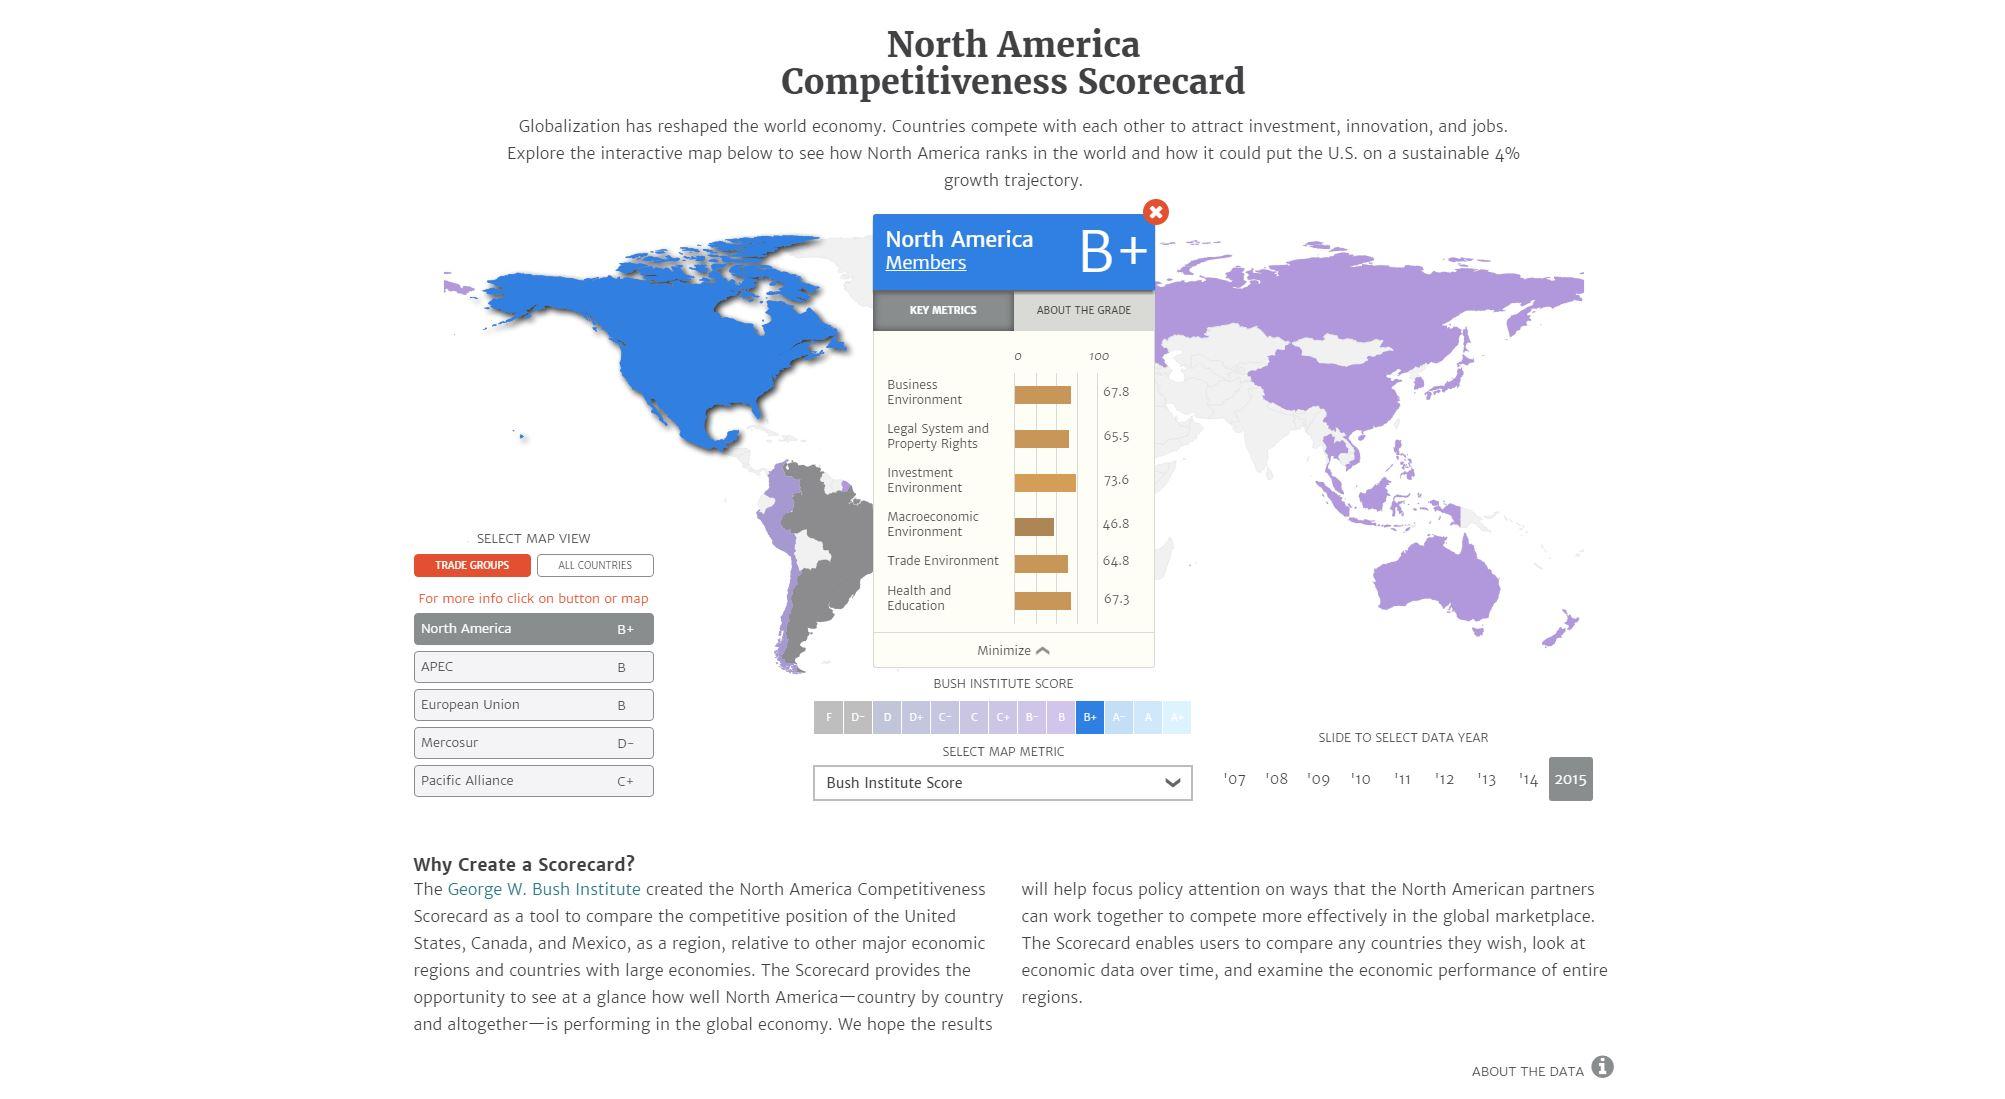 North America Competitiveness Scorecard